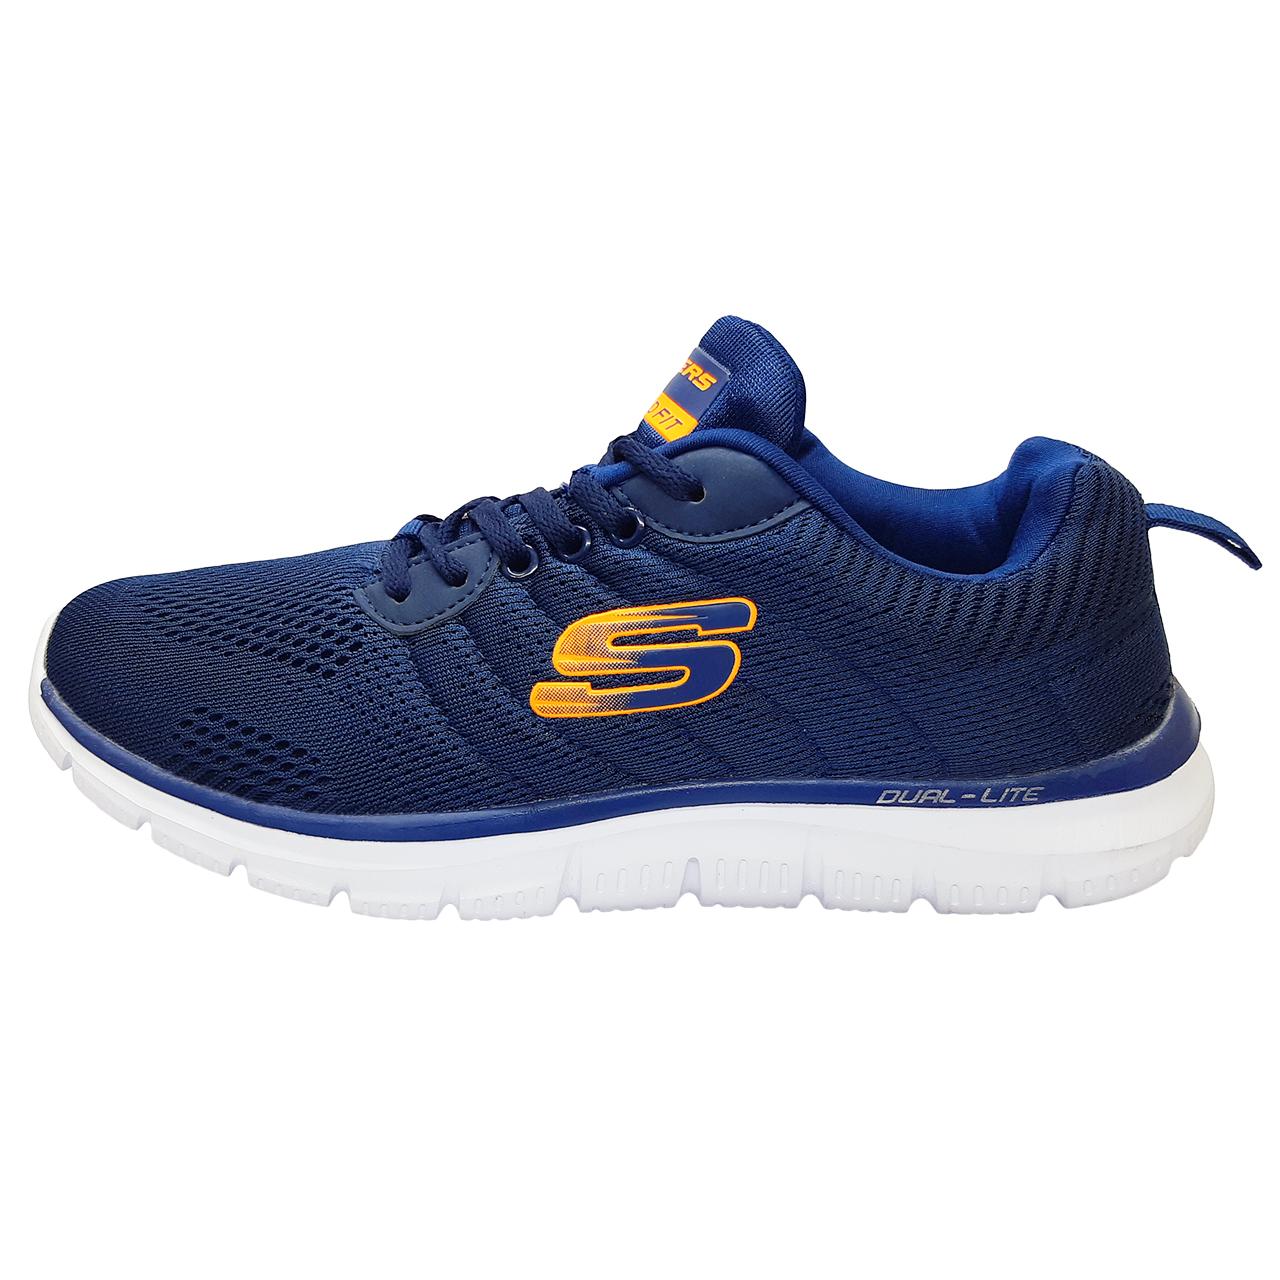 قیمت کفش مخصوص پیاده روی مردانه اسکچرز کد 3184